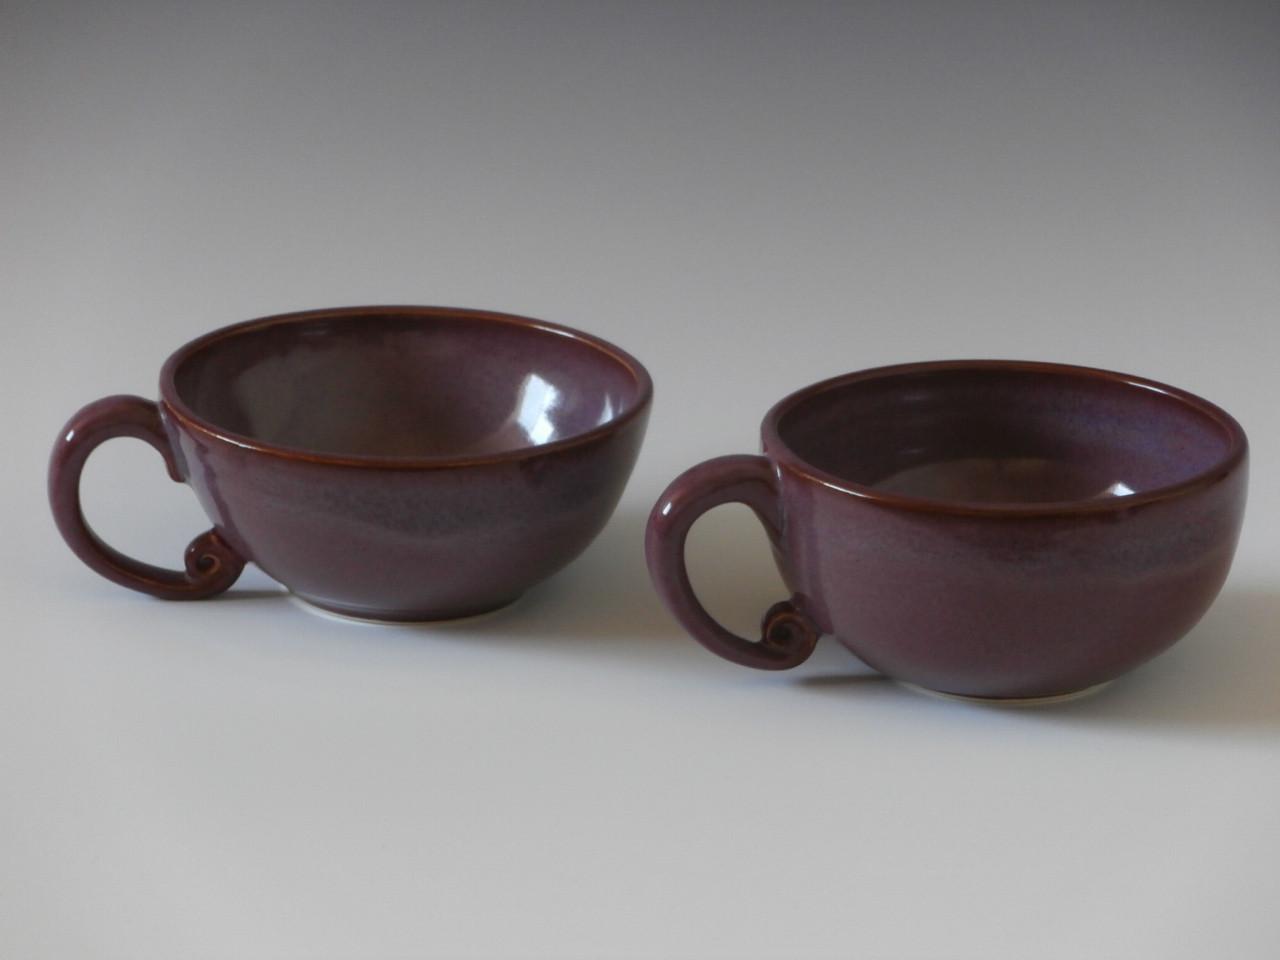 Plum soup bowls